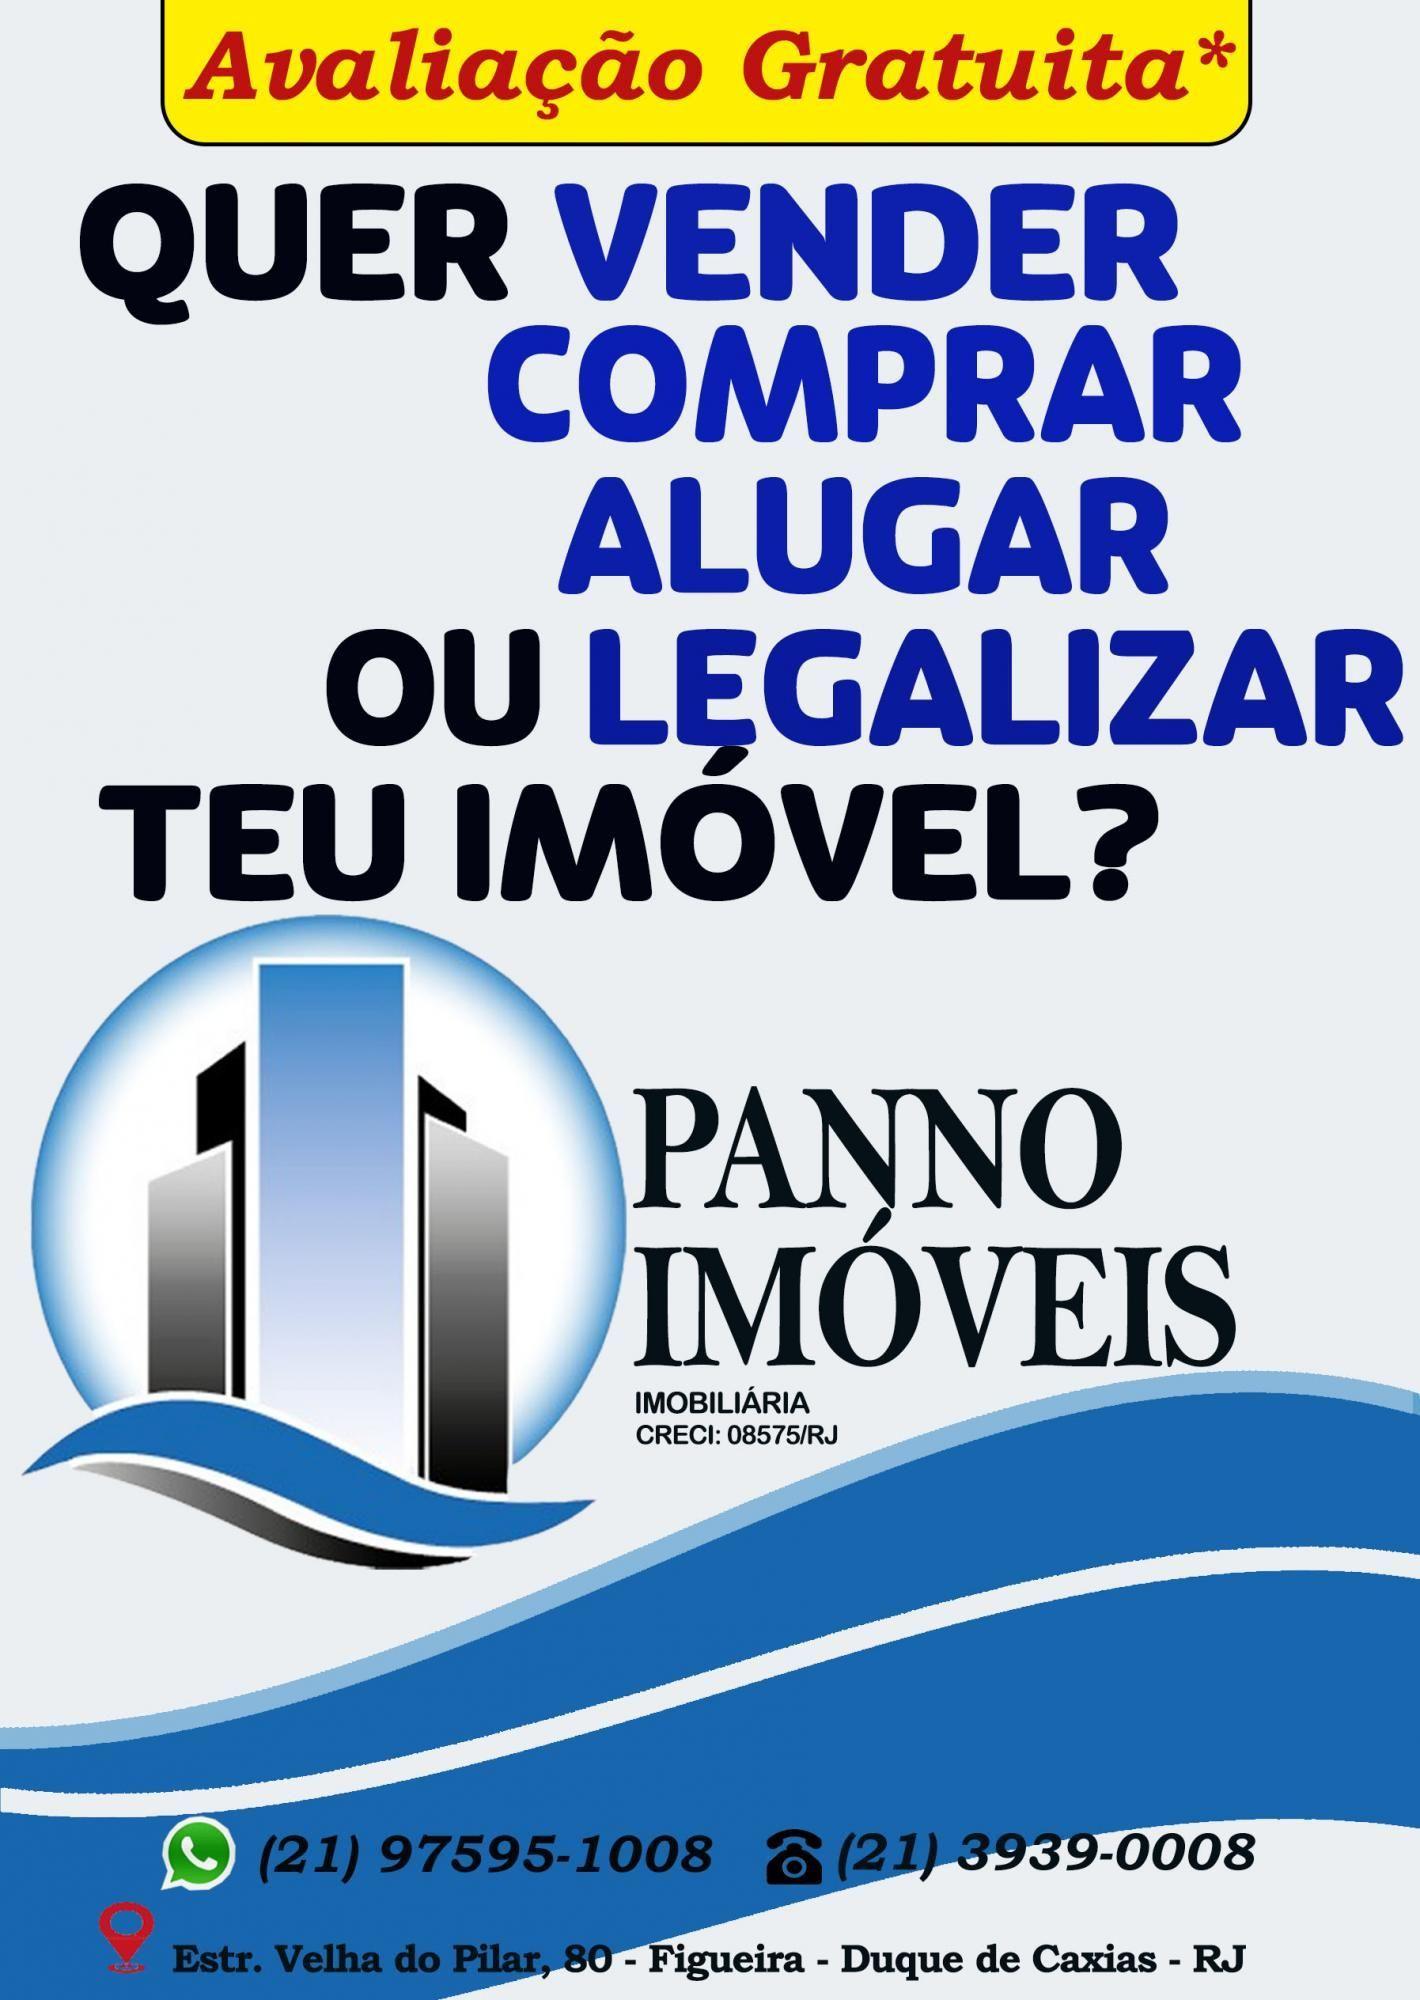 Terreno comercial à venda  no Chácaras Rio-petrópolis - Duque de Caxias, RJ. Imóveis